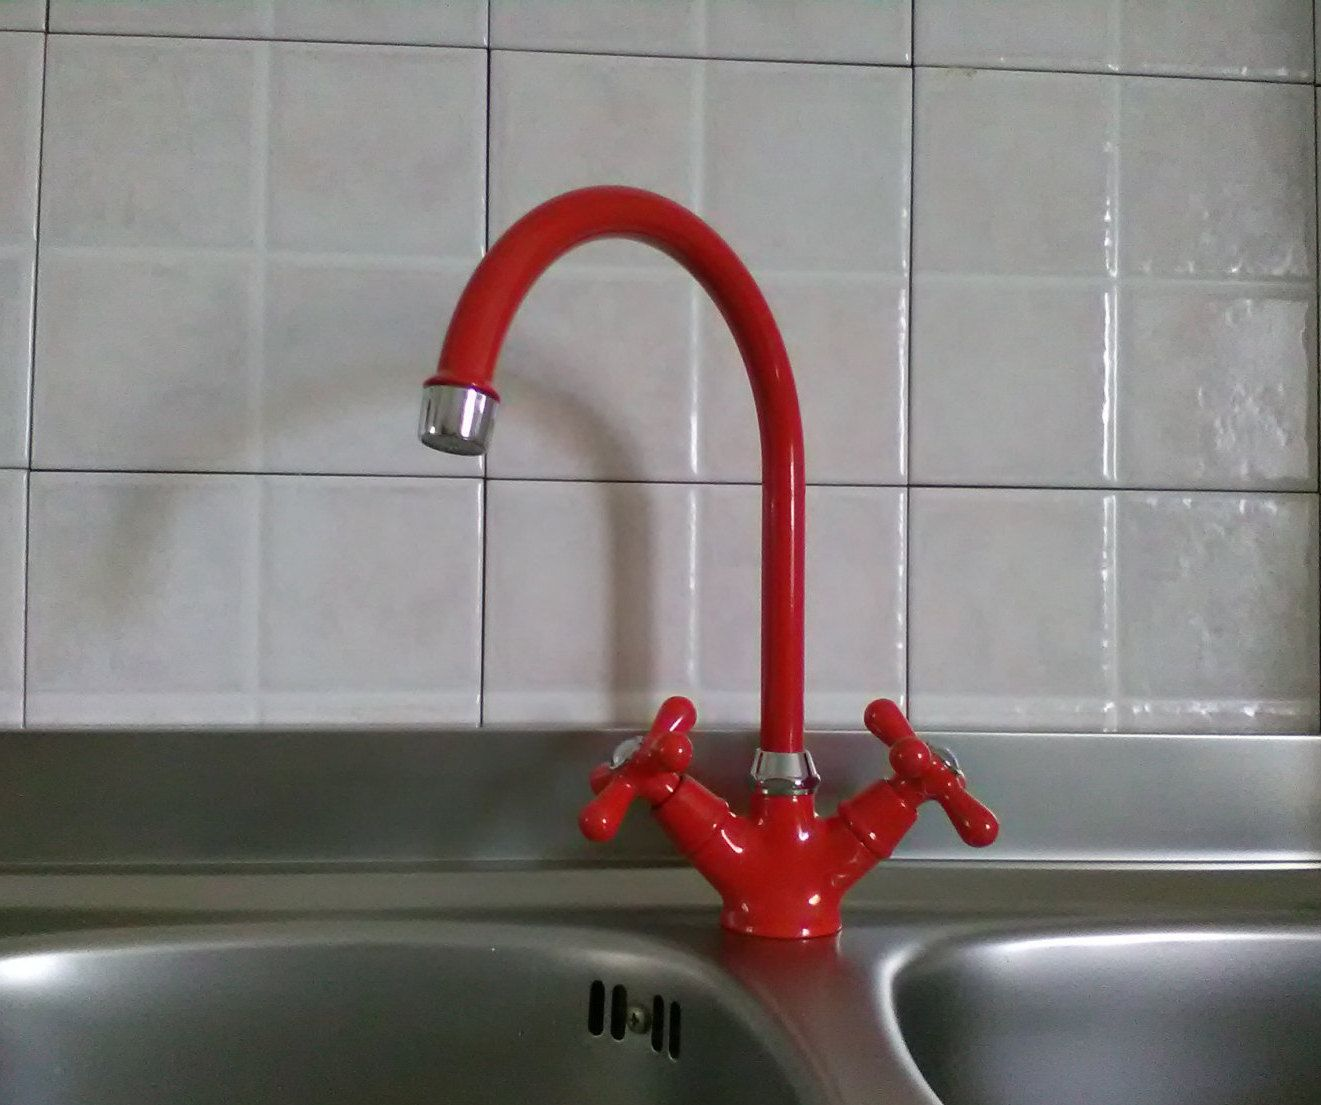 Lavello Cucina In Porcellana rubinetto lavello anni '70 - rubinetto rosso - vintage